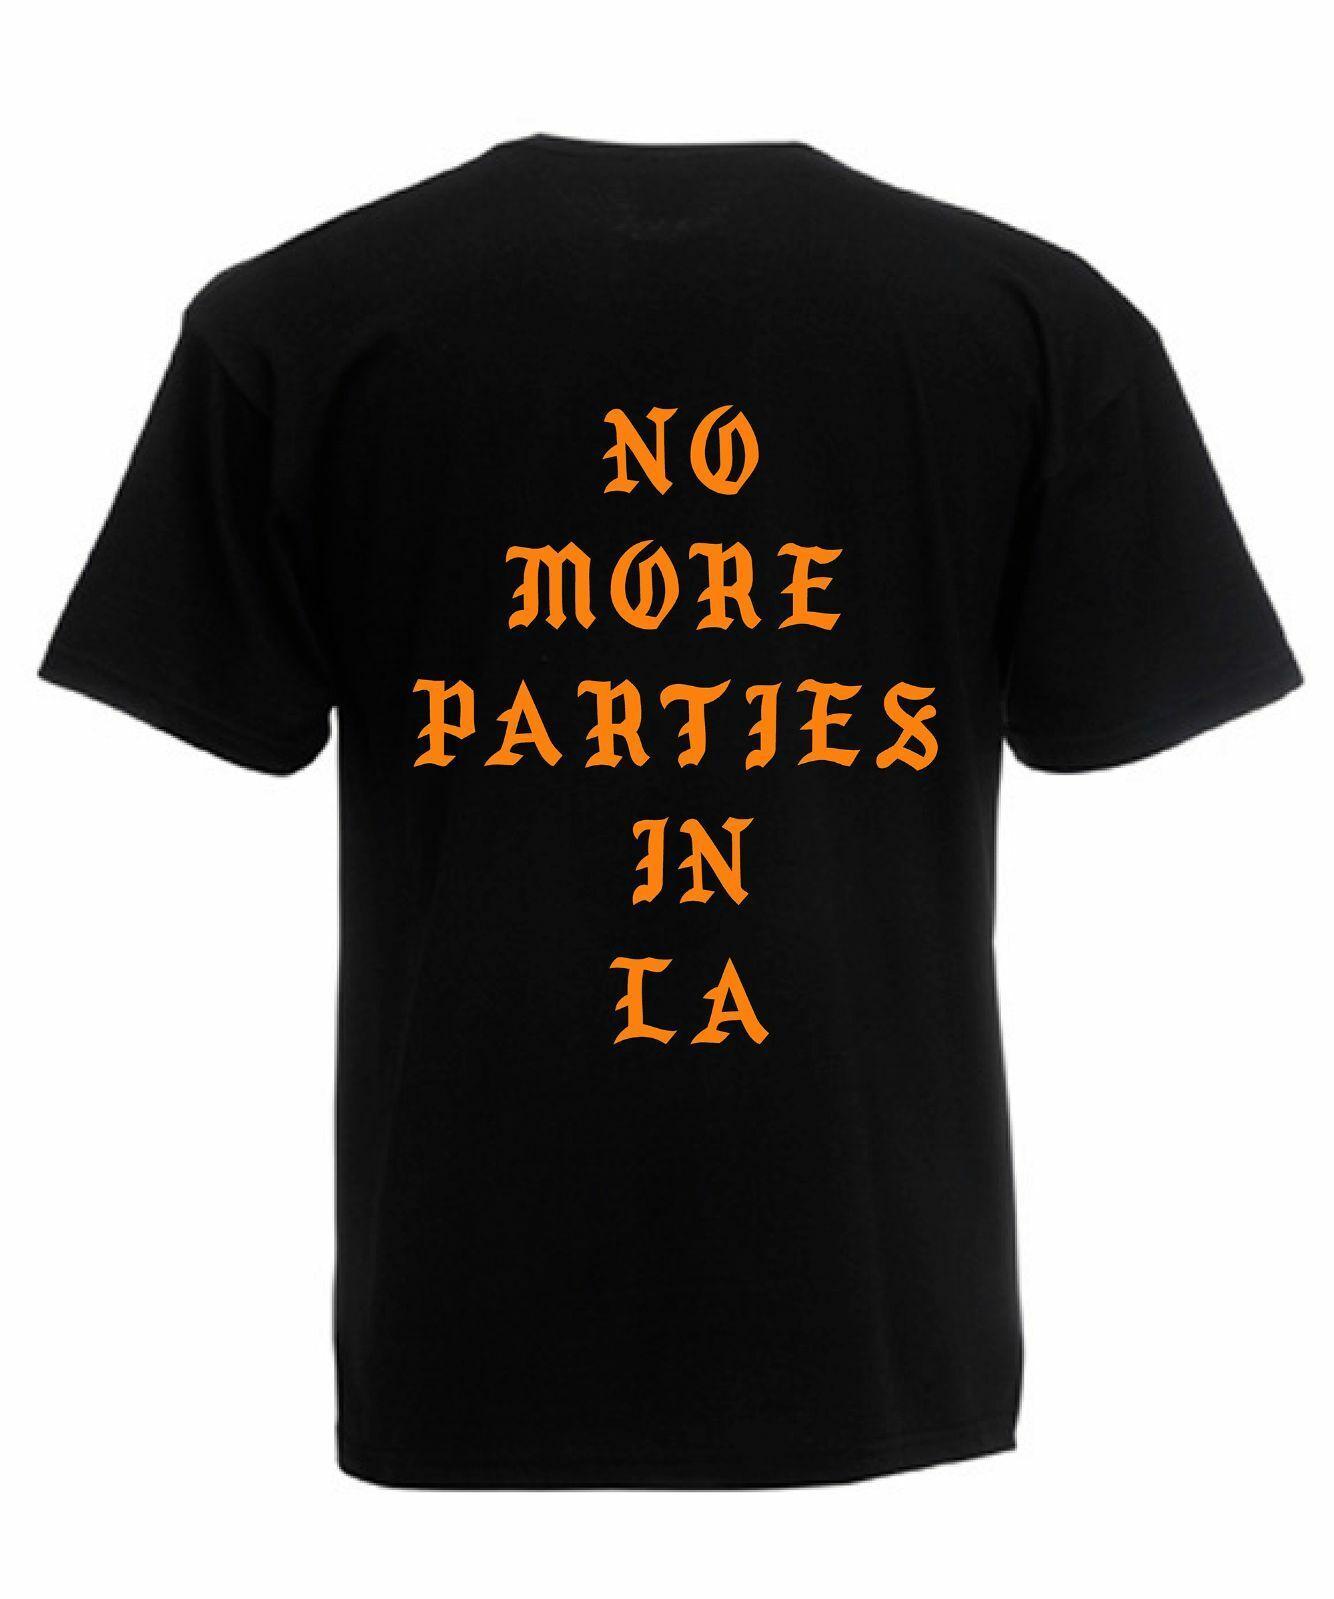 0e4f3699e0 Compre Não Mais Festas Em LA Camiseta Kanye West Inspirado Unisex Tee  Tamanho Discout Hot New Tshirt Fear Cosplay Liverpoott Tshirt De Xixicup